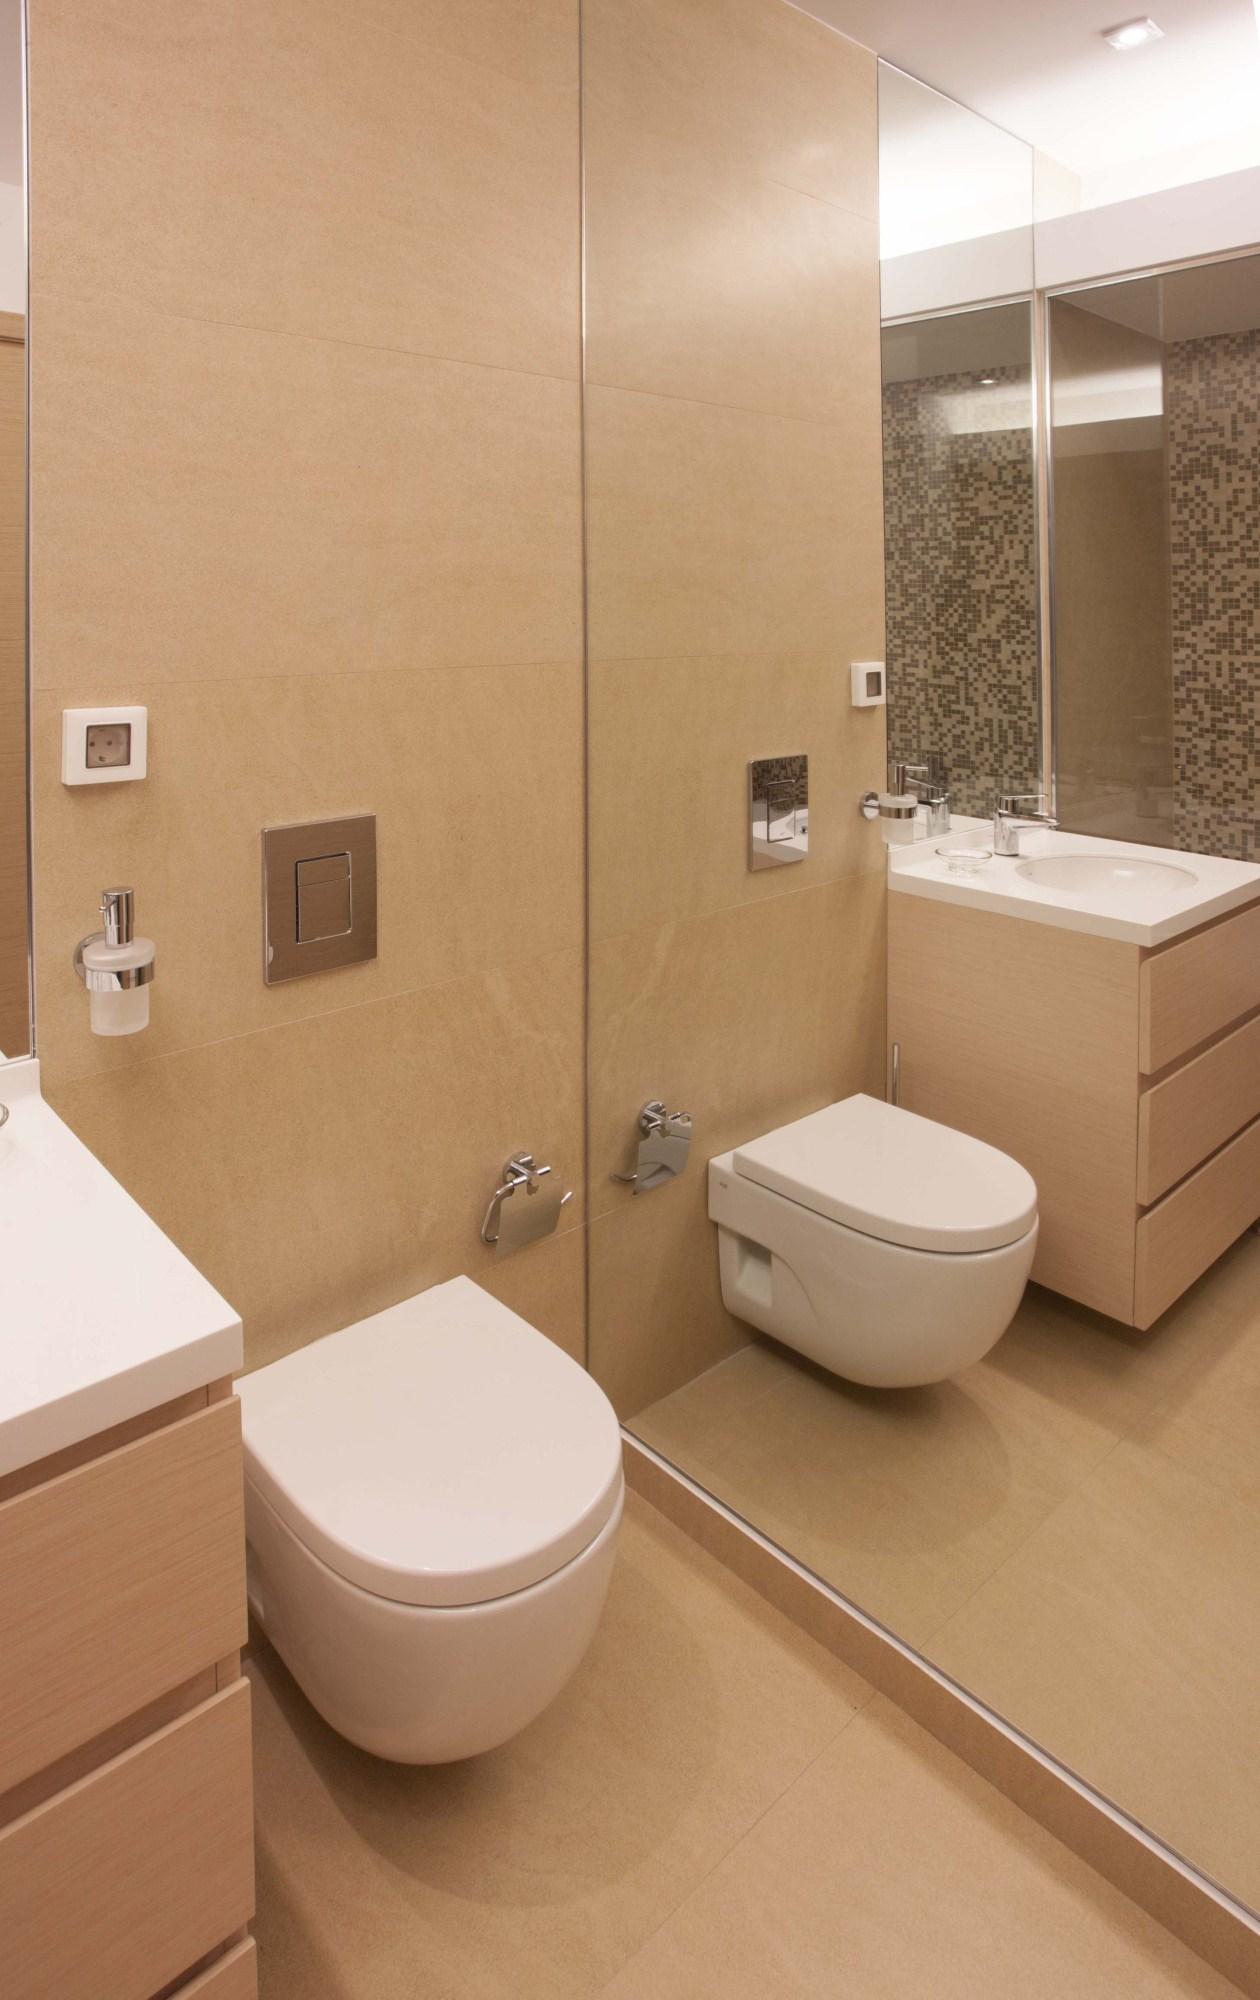 https://nbc-arhitect.ro/wp-content/uploads/2020/11/NBC-Arhitect-_-interior-design-_-Petofi-Sandor-_-Romania_32.jpg